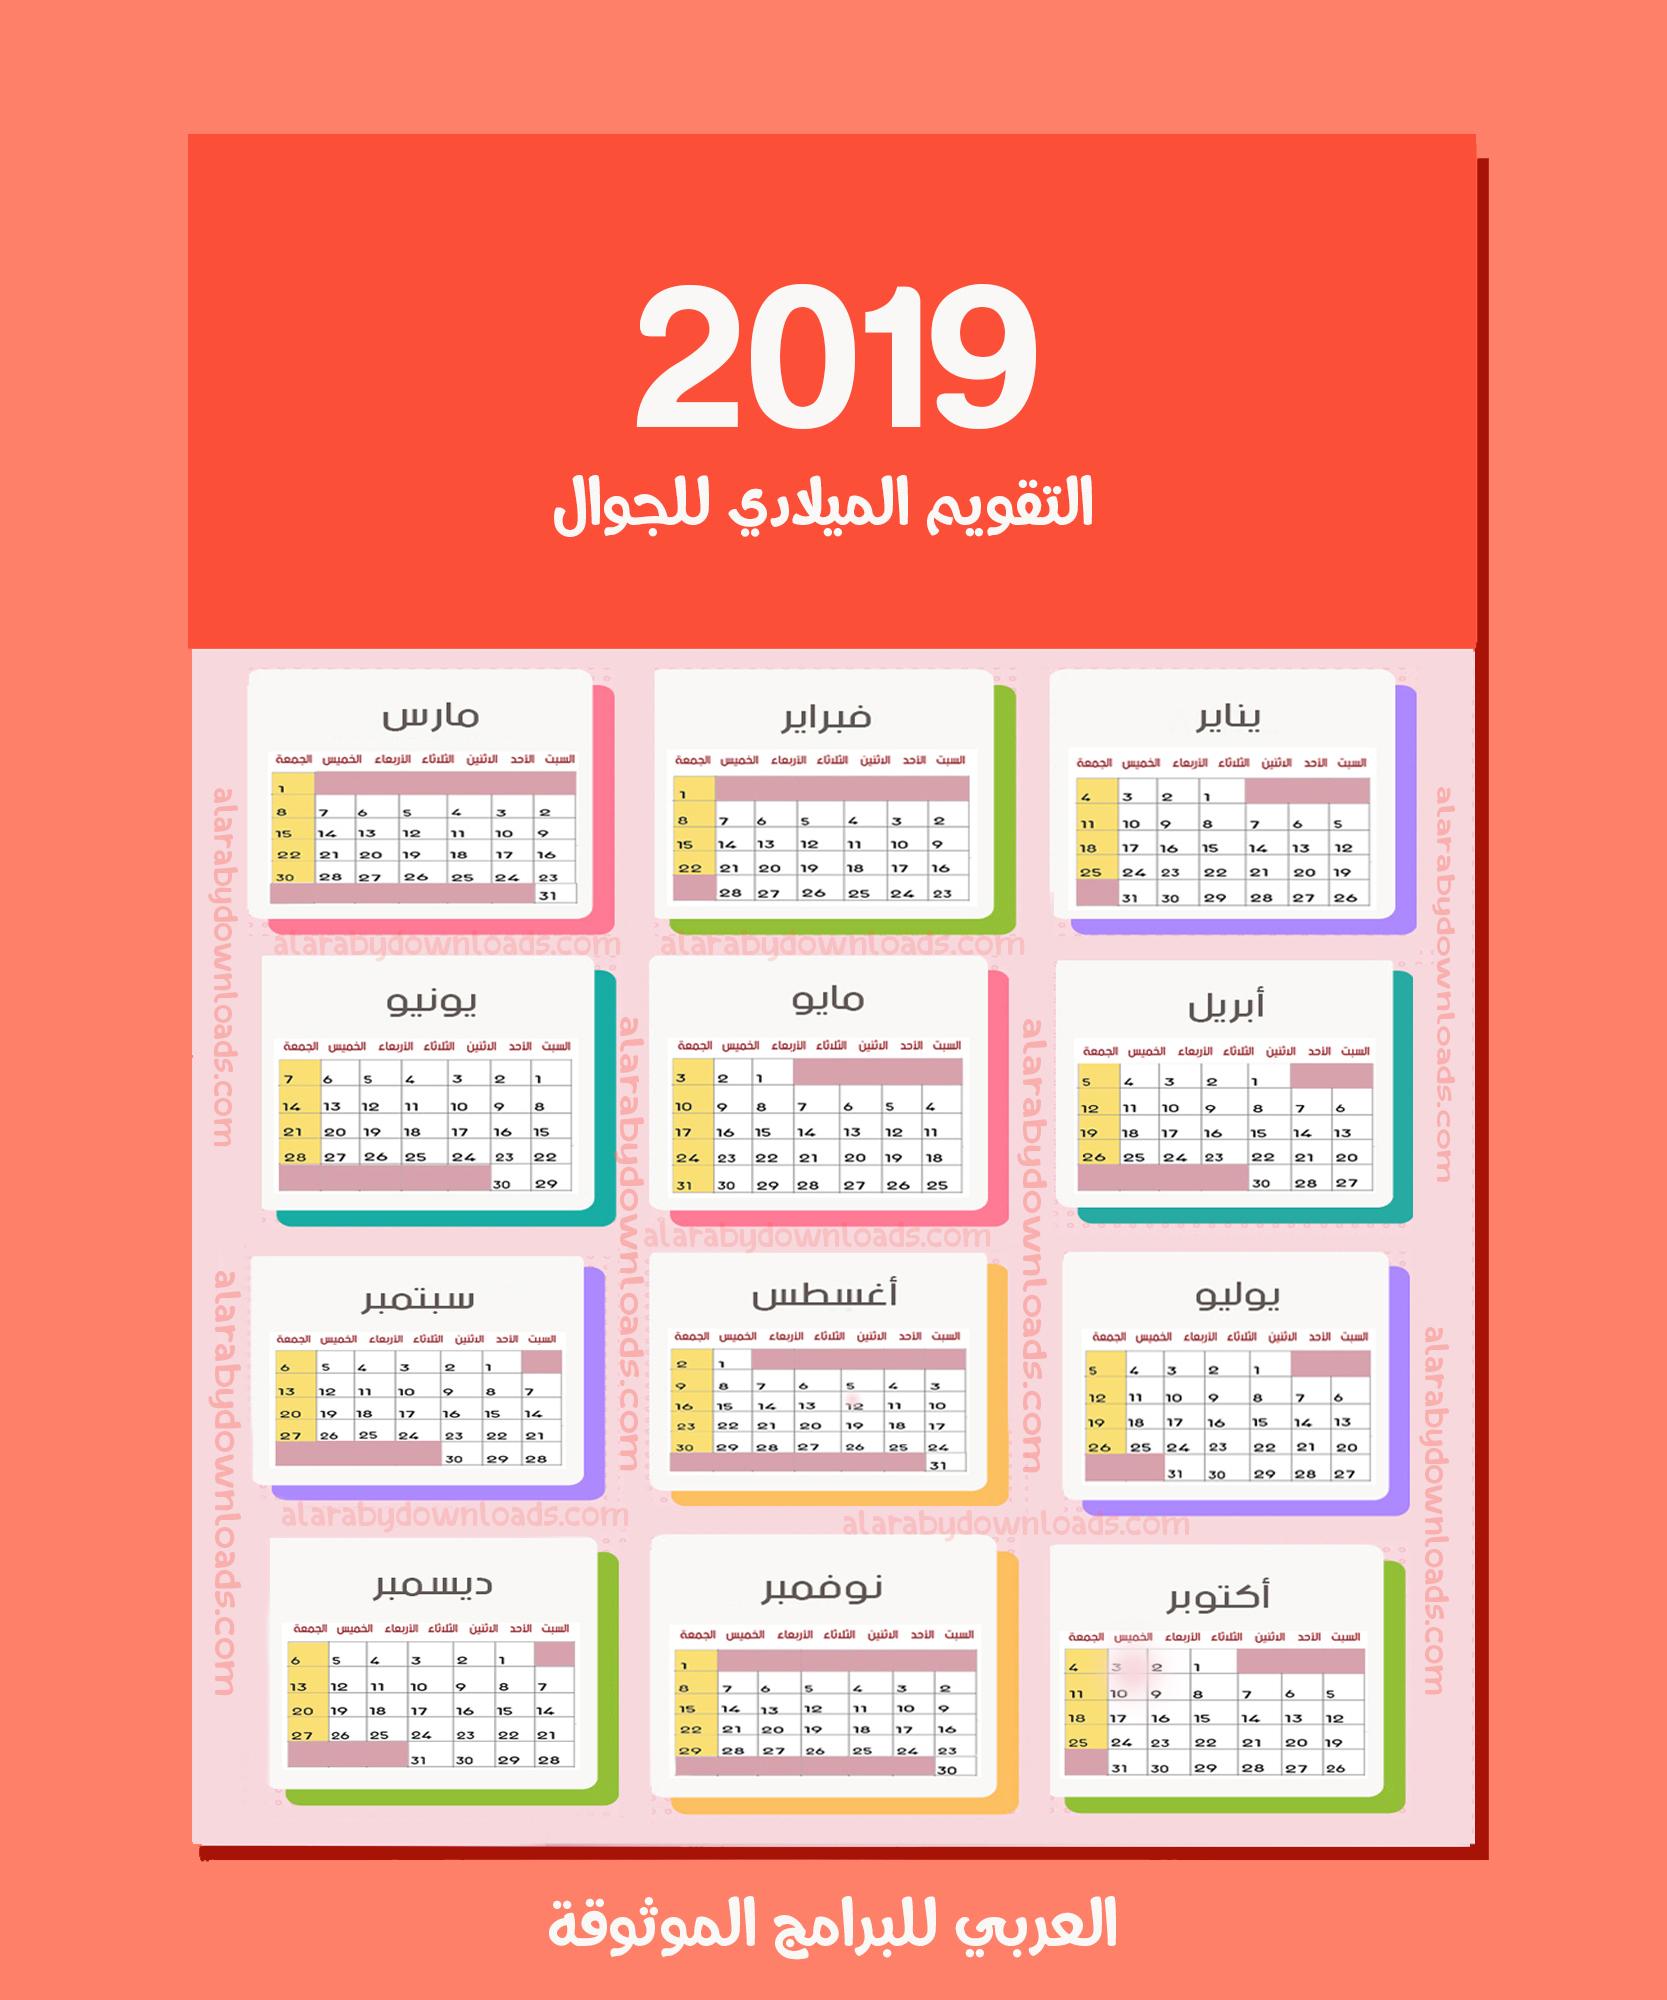 تحميل التقويم الميلادي 2019 للعام الجديد للجوال 2019 Gregorian Calendar